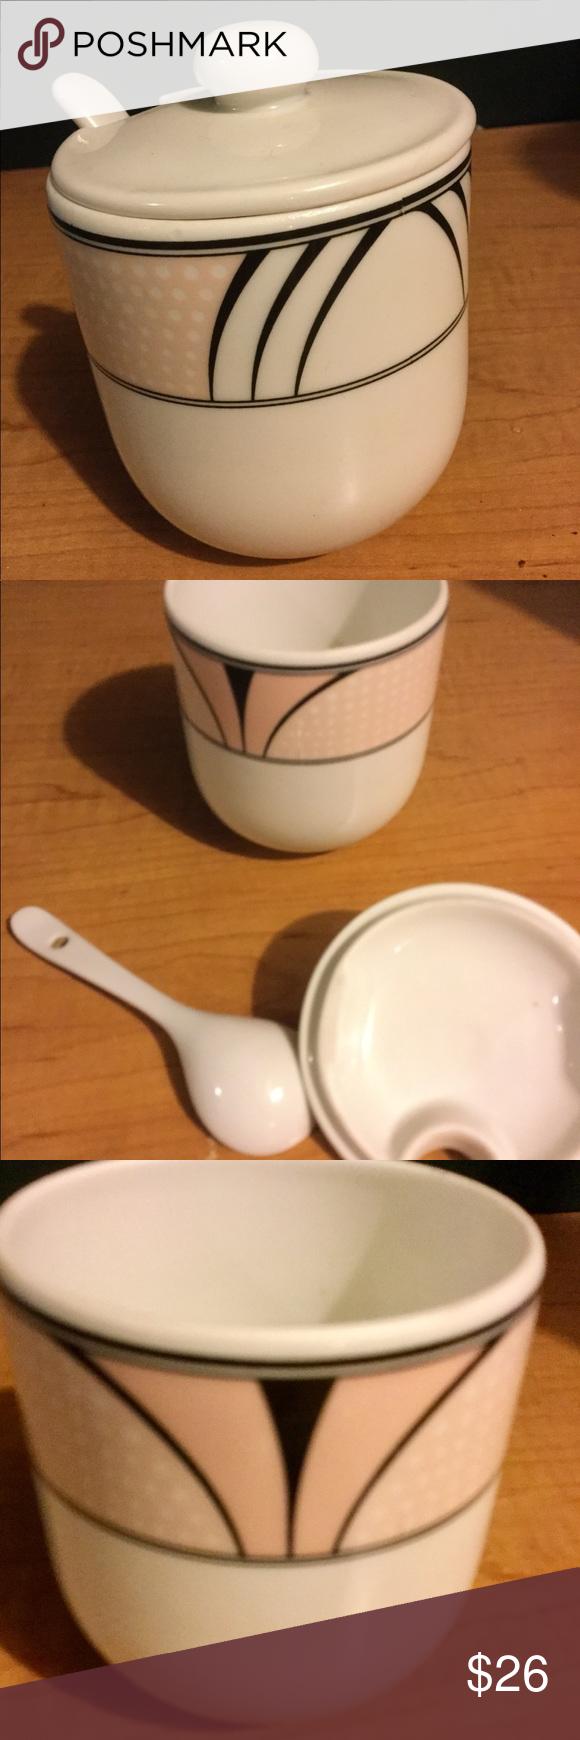 Royal mosa holland sugar bowl (With images) Sugar bowl